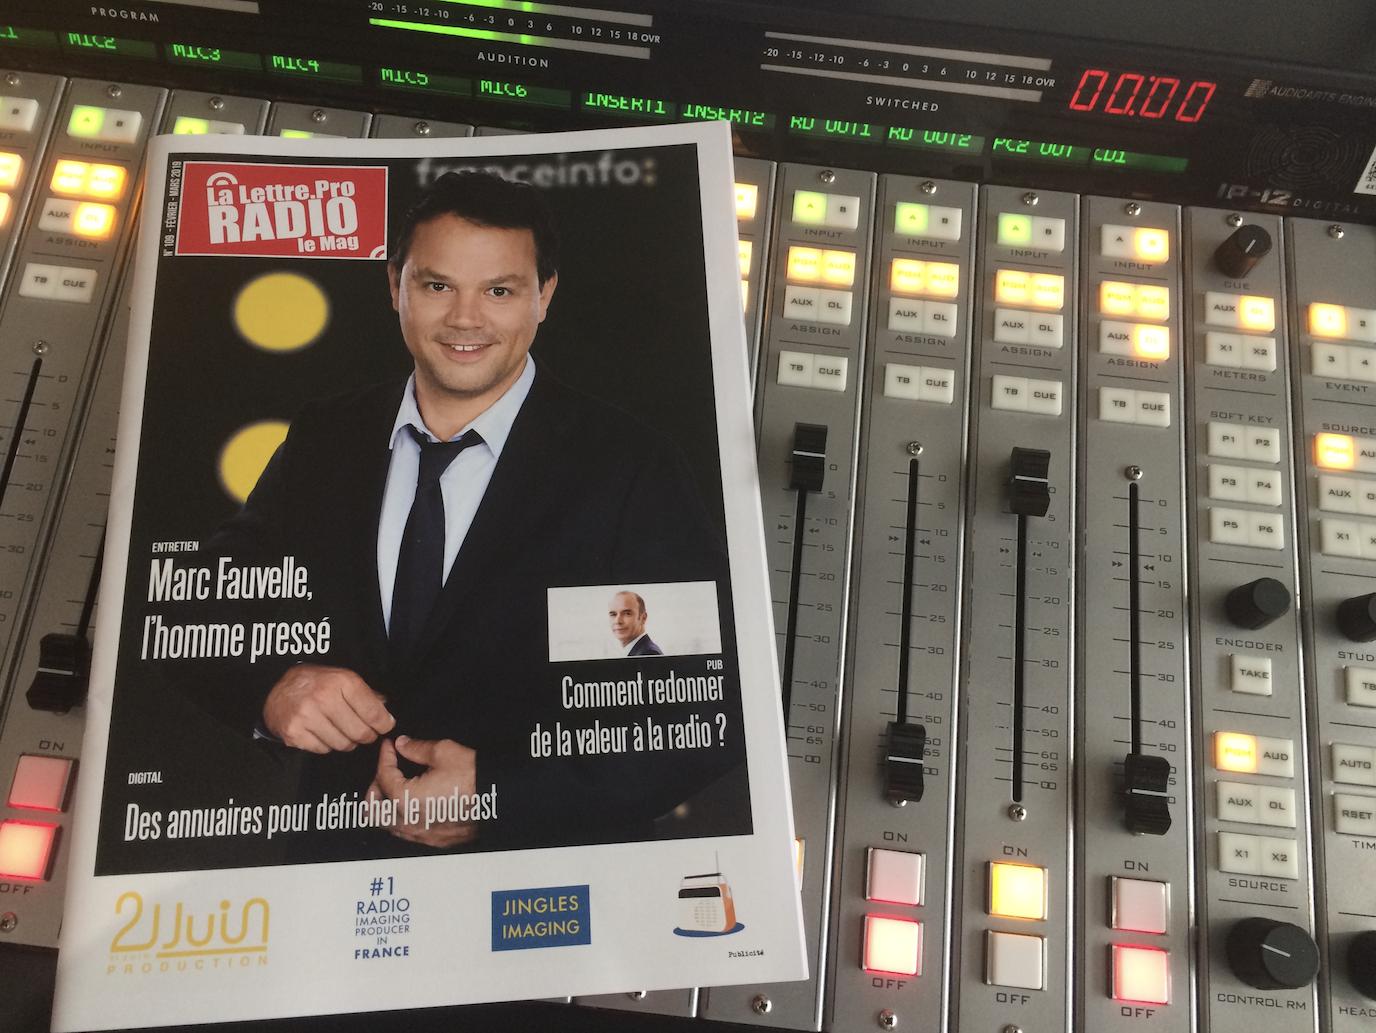 Marc Fauvel à la tête de la matinale de franceinfo fait la une ce mois-ci de La Lettre Pro de la Radio